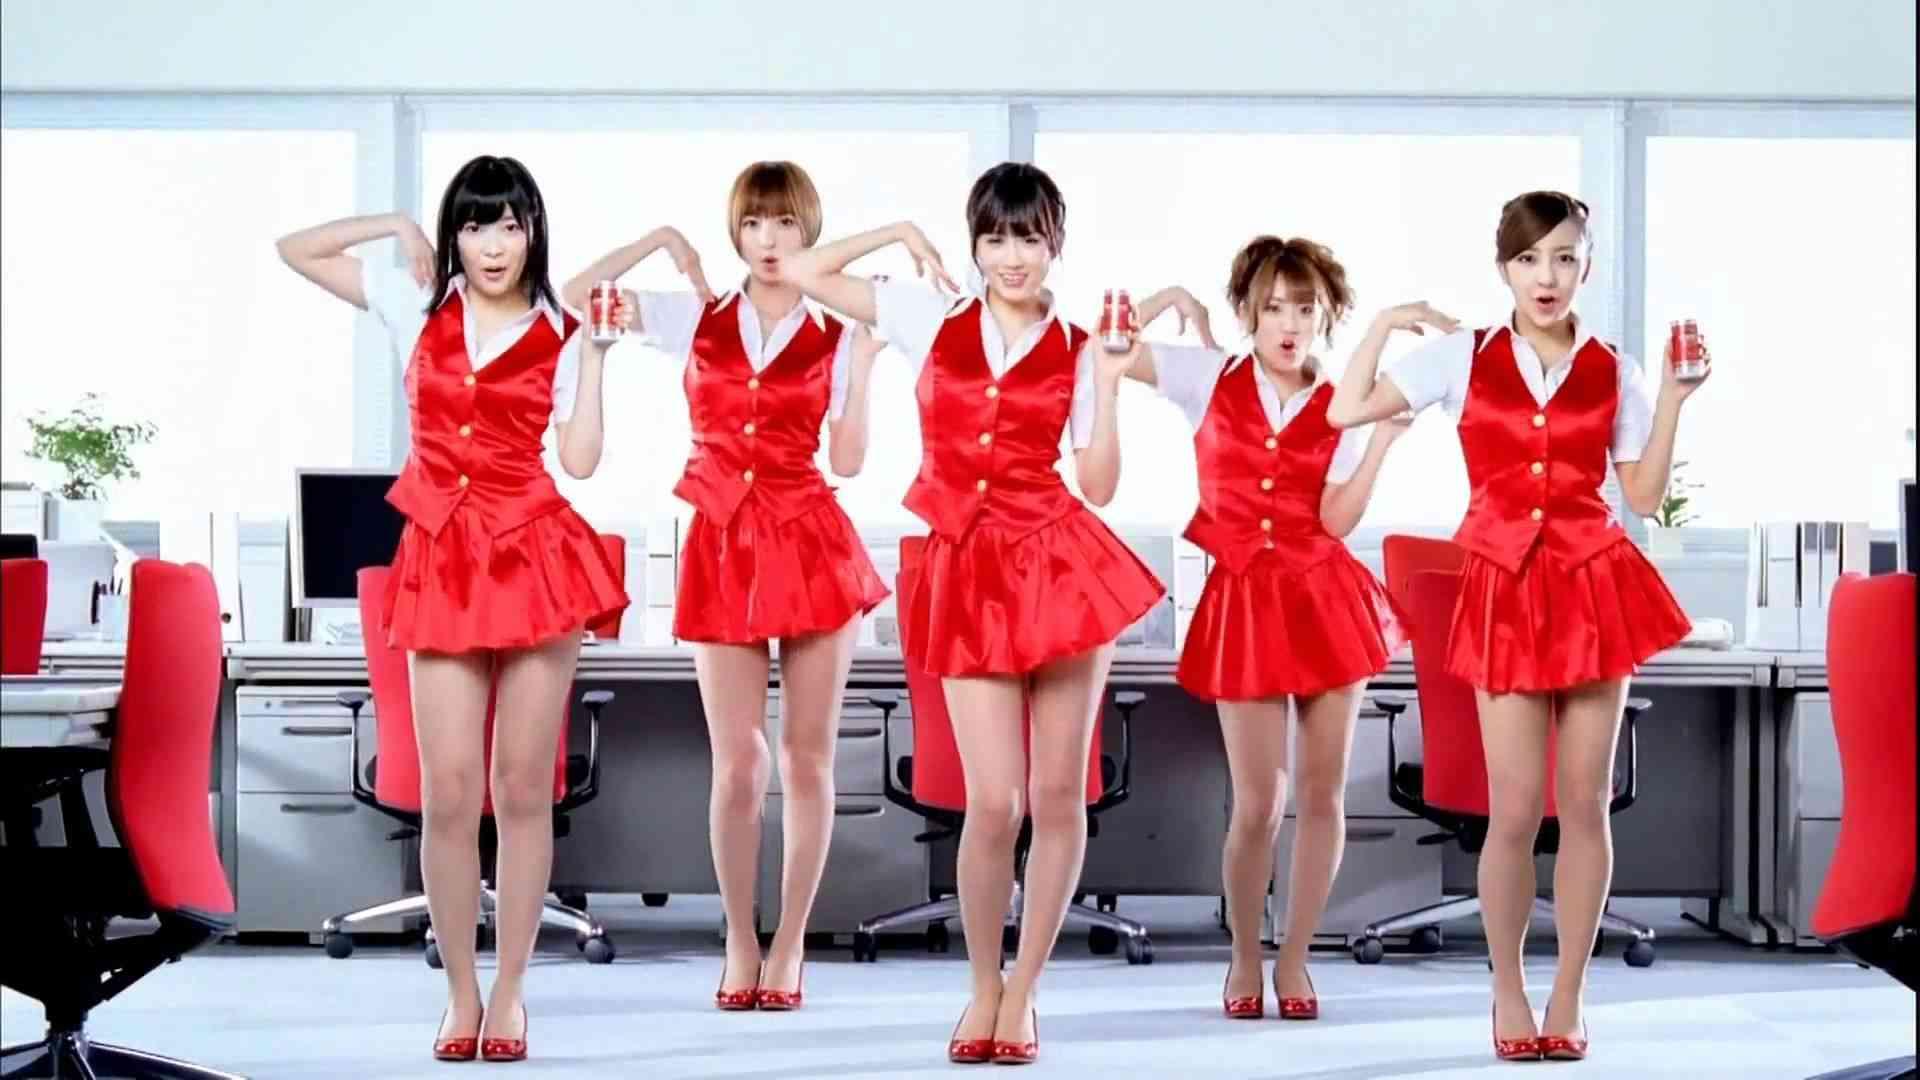 【CM】WONDA×AKB48「ダンス」 - YouTube